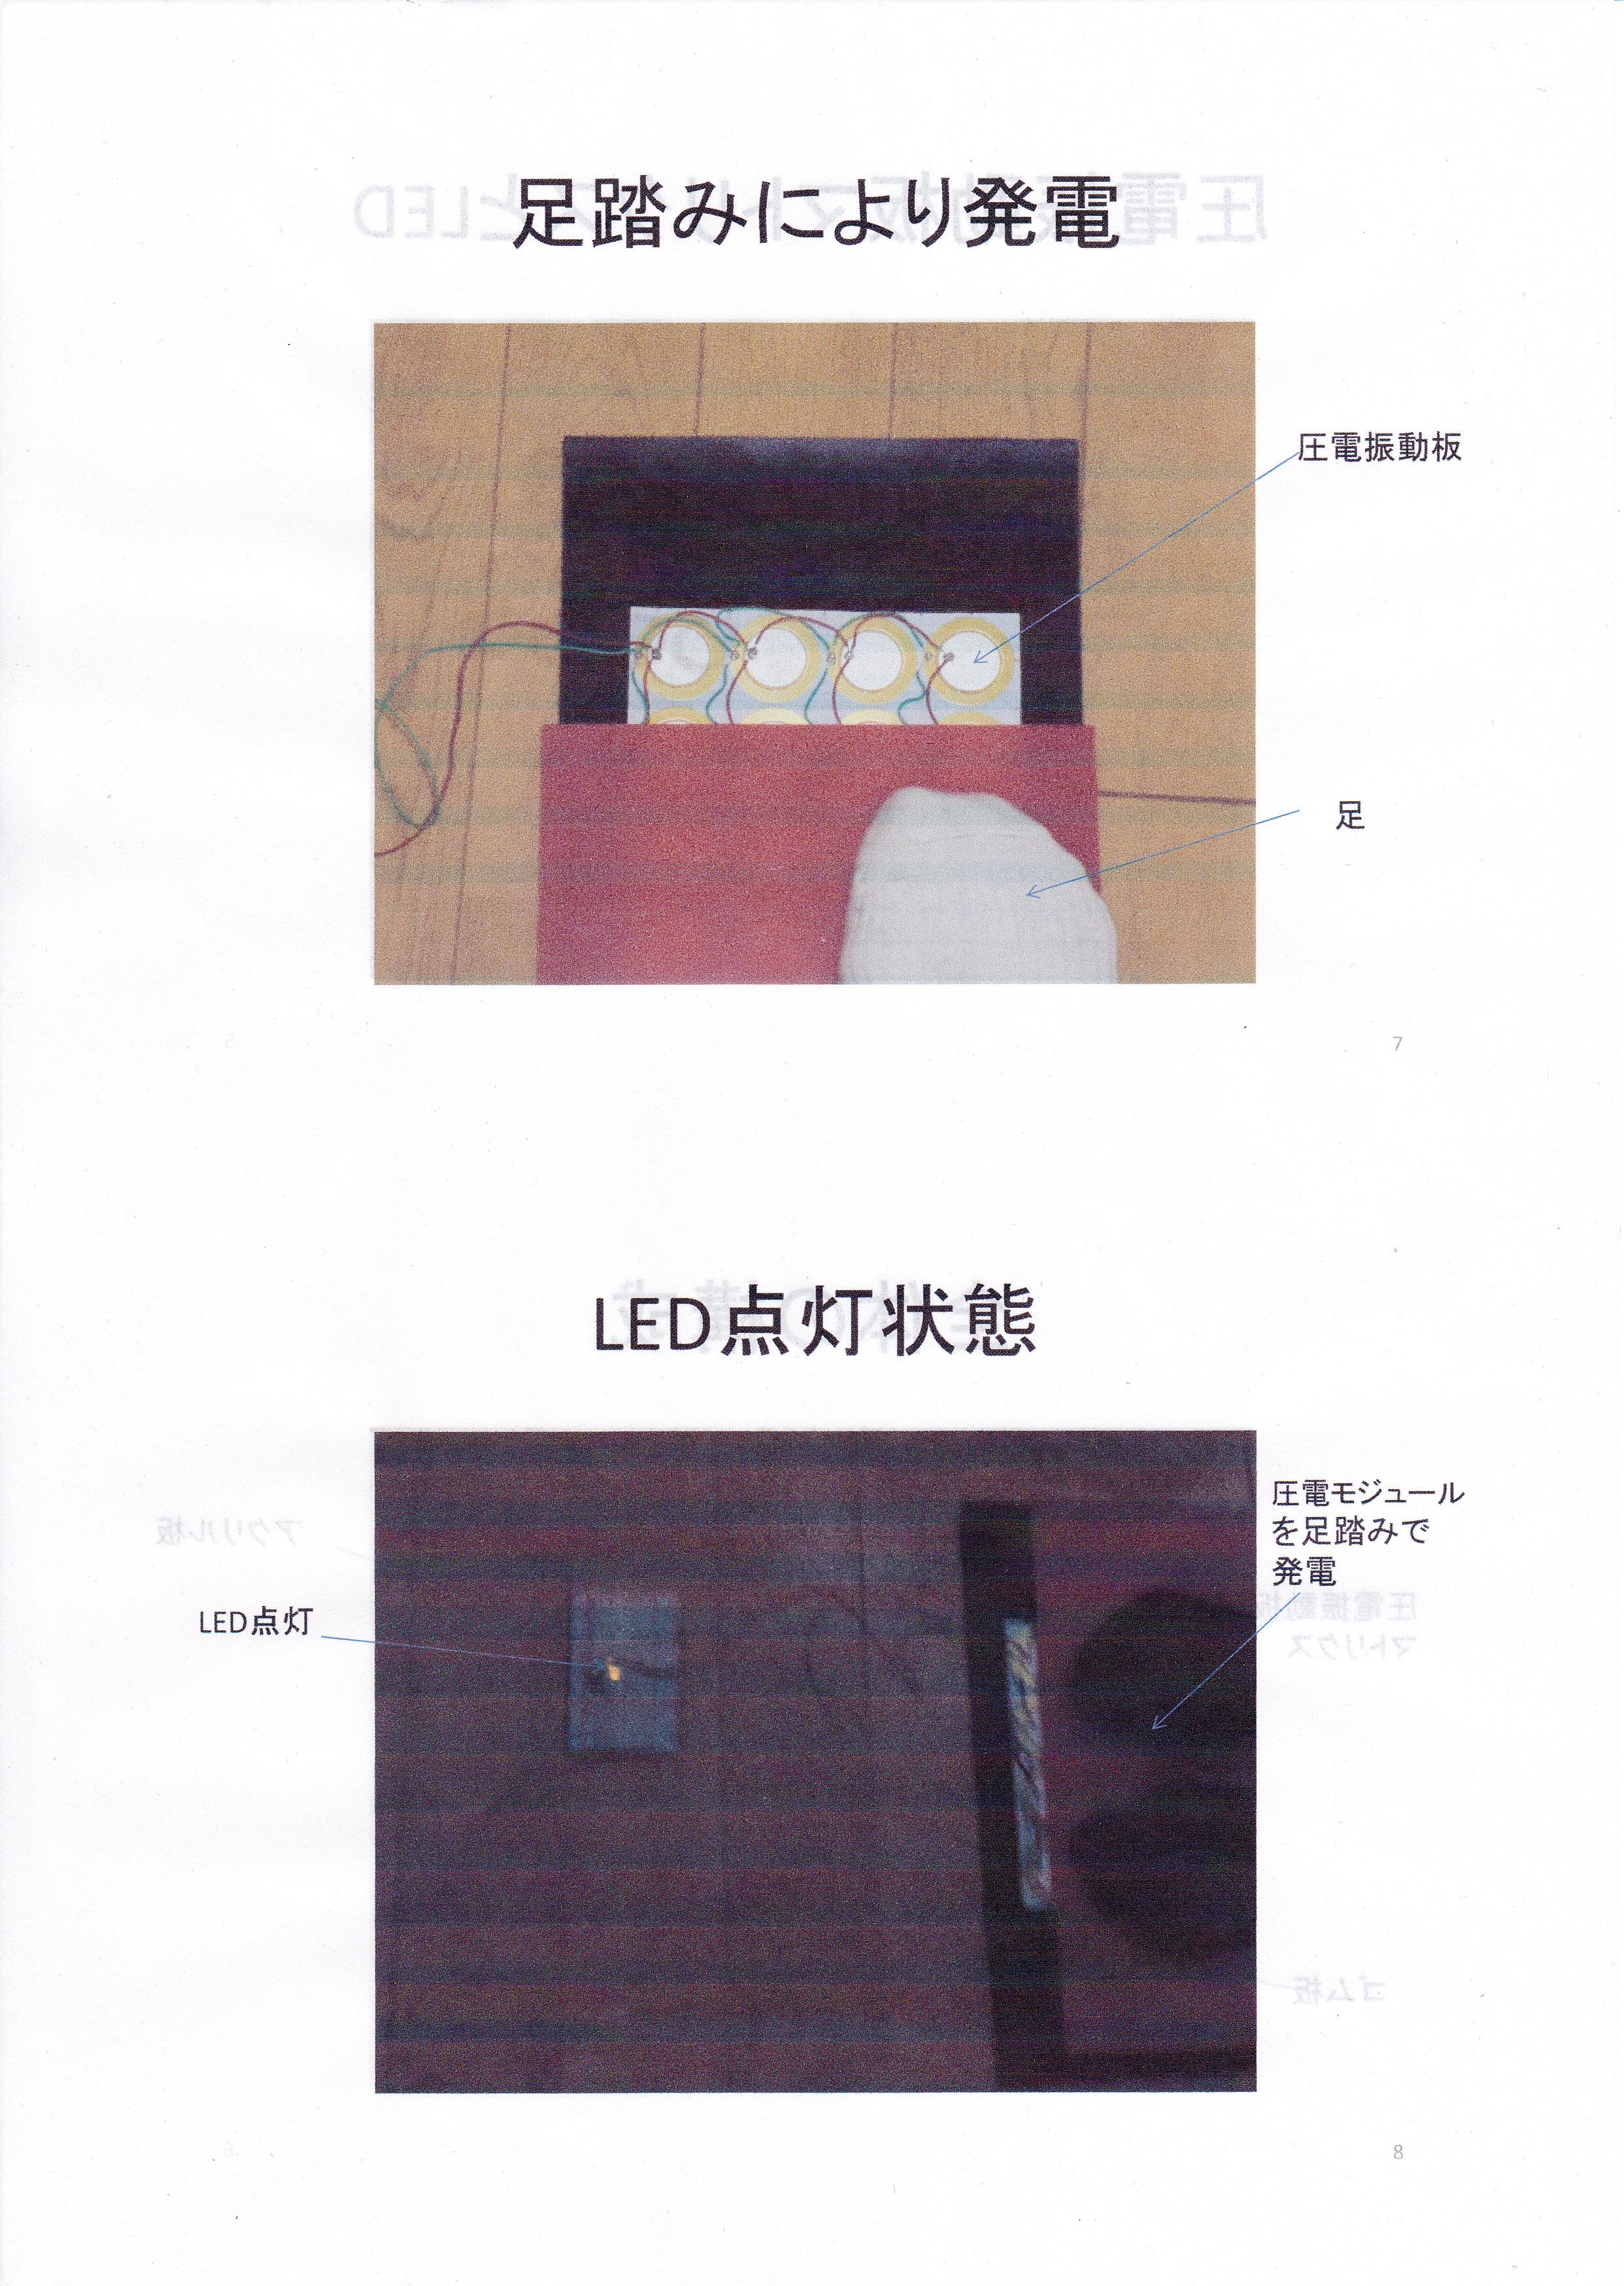 ミニ床発電モジュール実験4